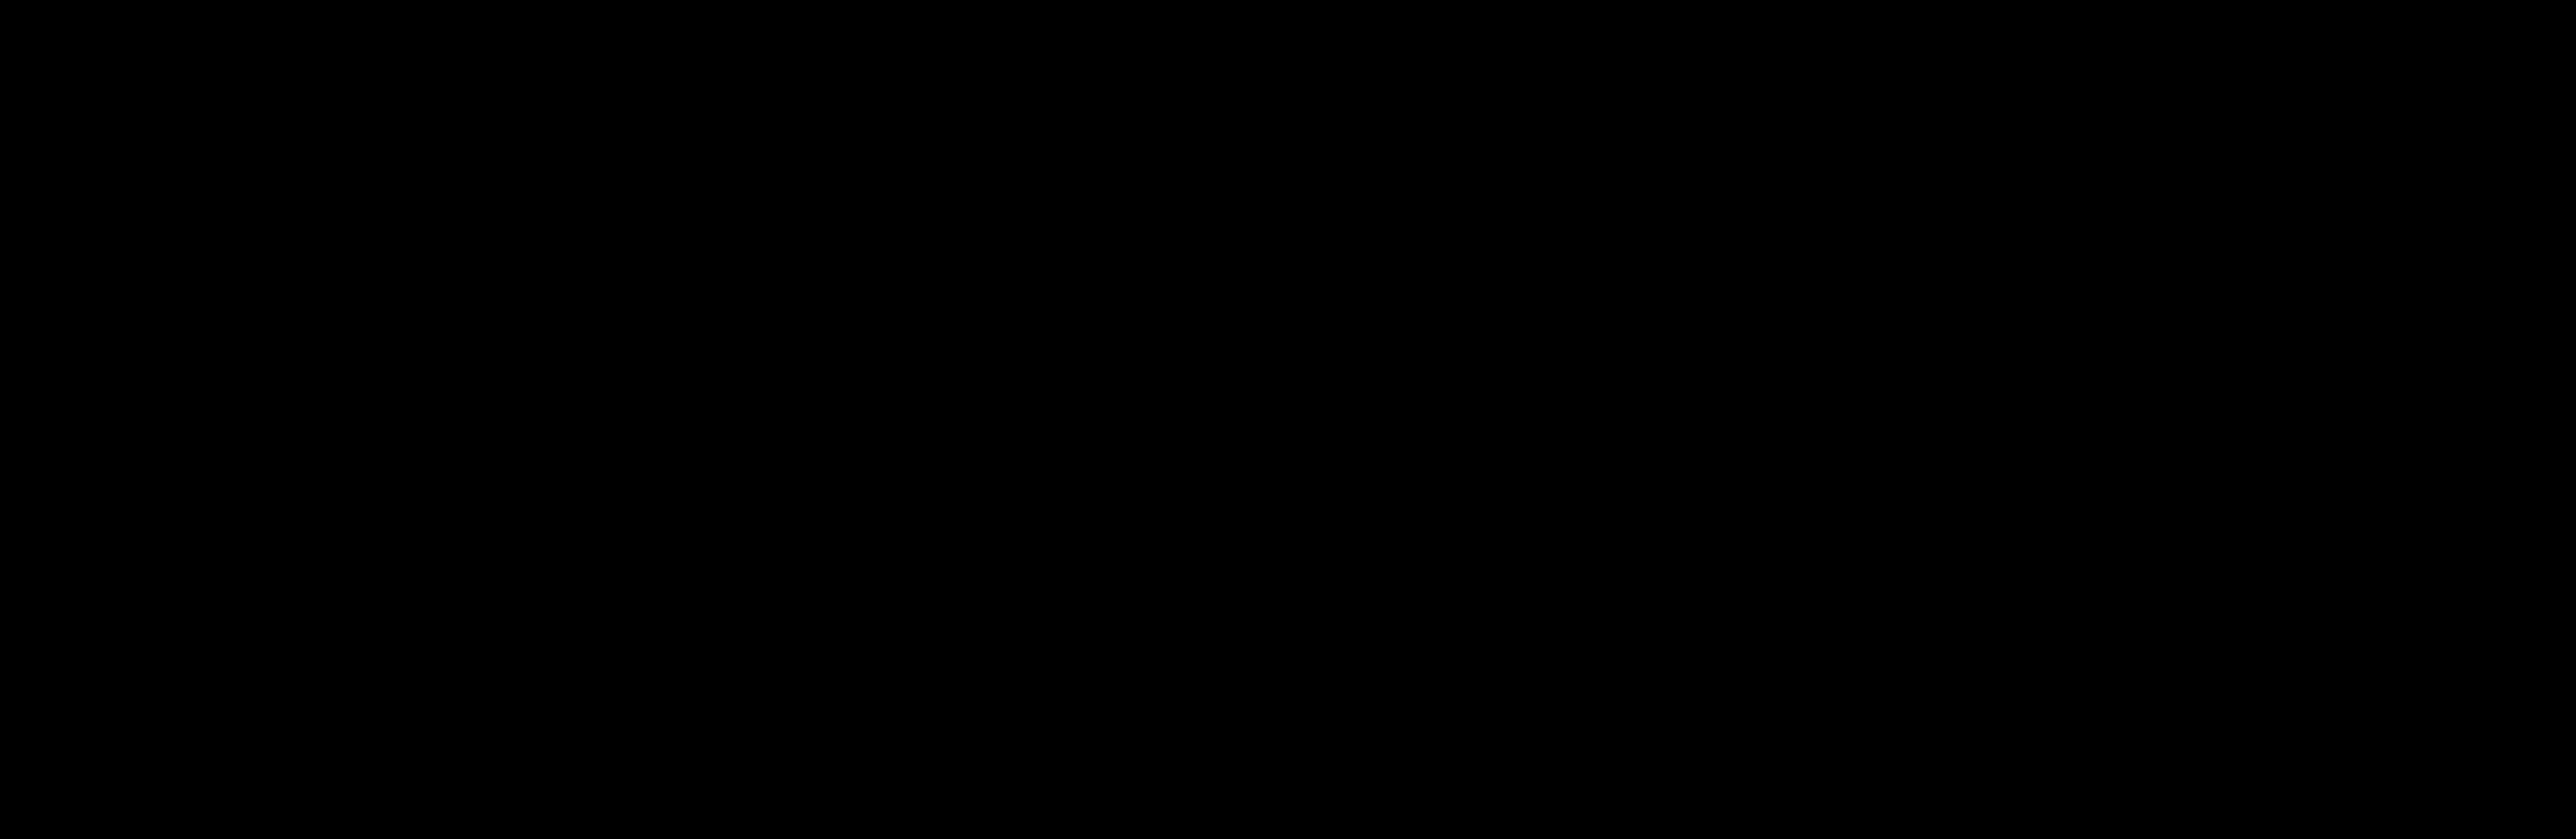 Valley of Hattusa, Turkey